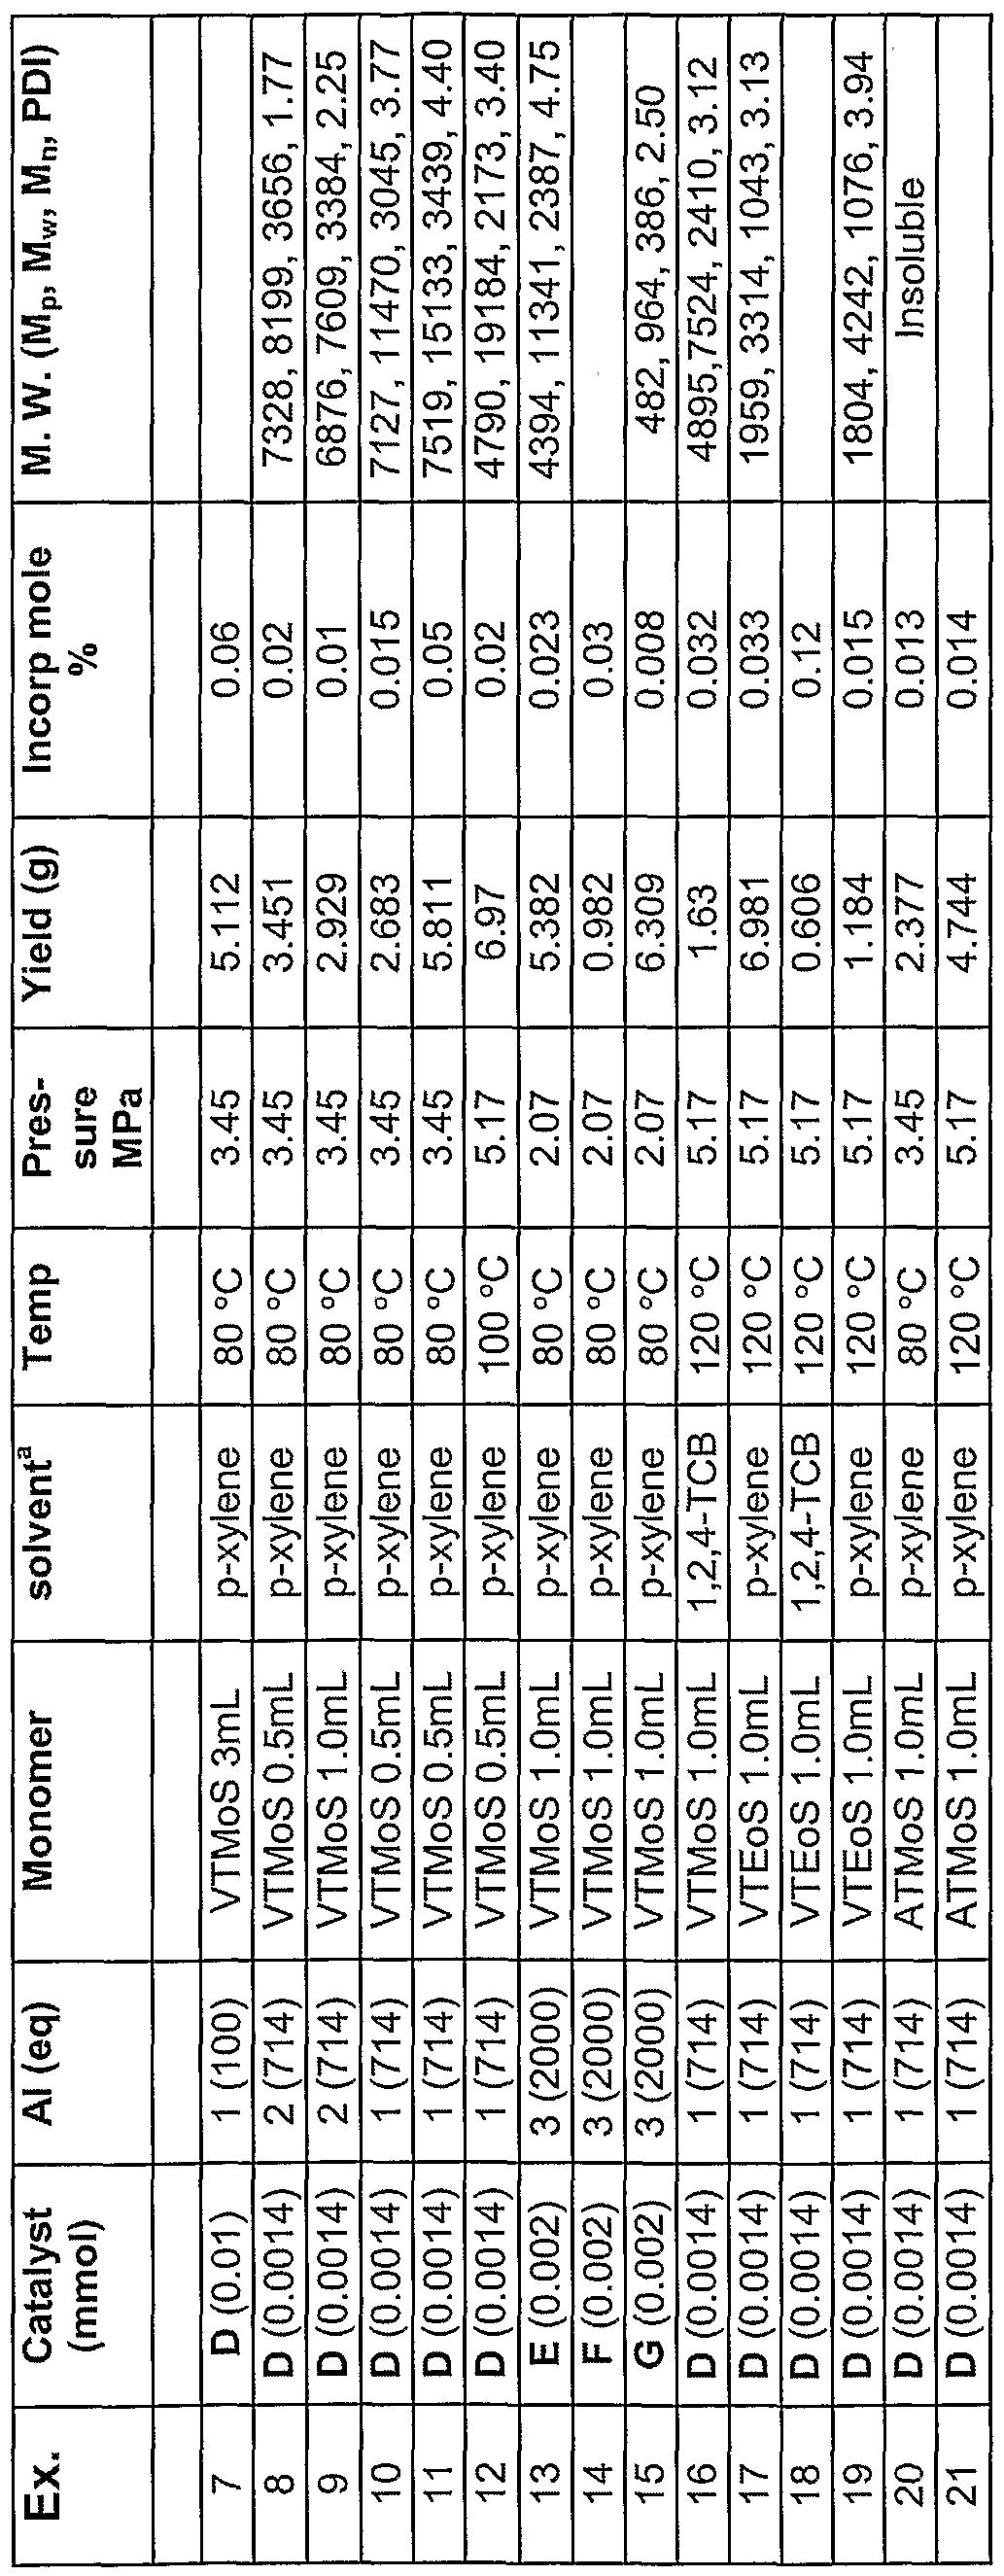 Kleinmünzen & Teilstücke Radient Usa 5x One Cent Ab 1959